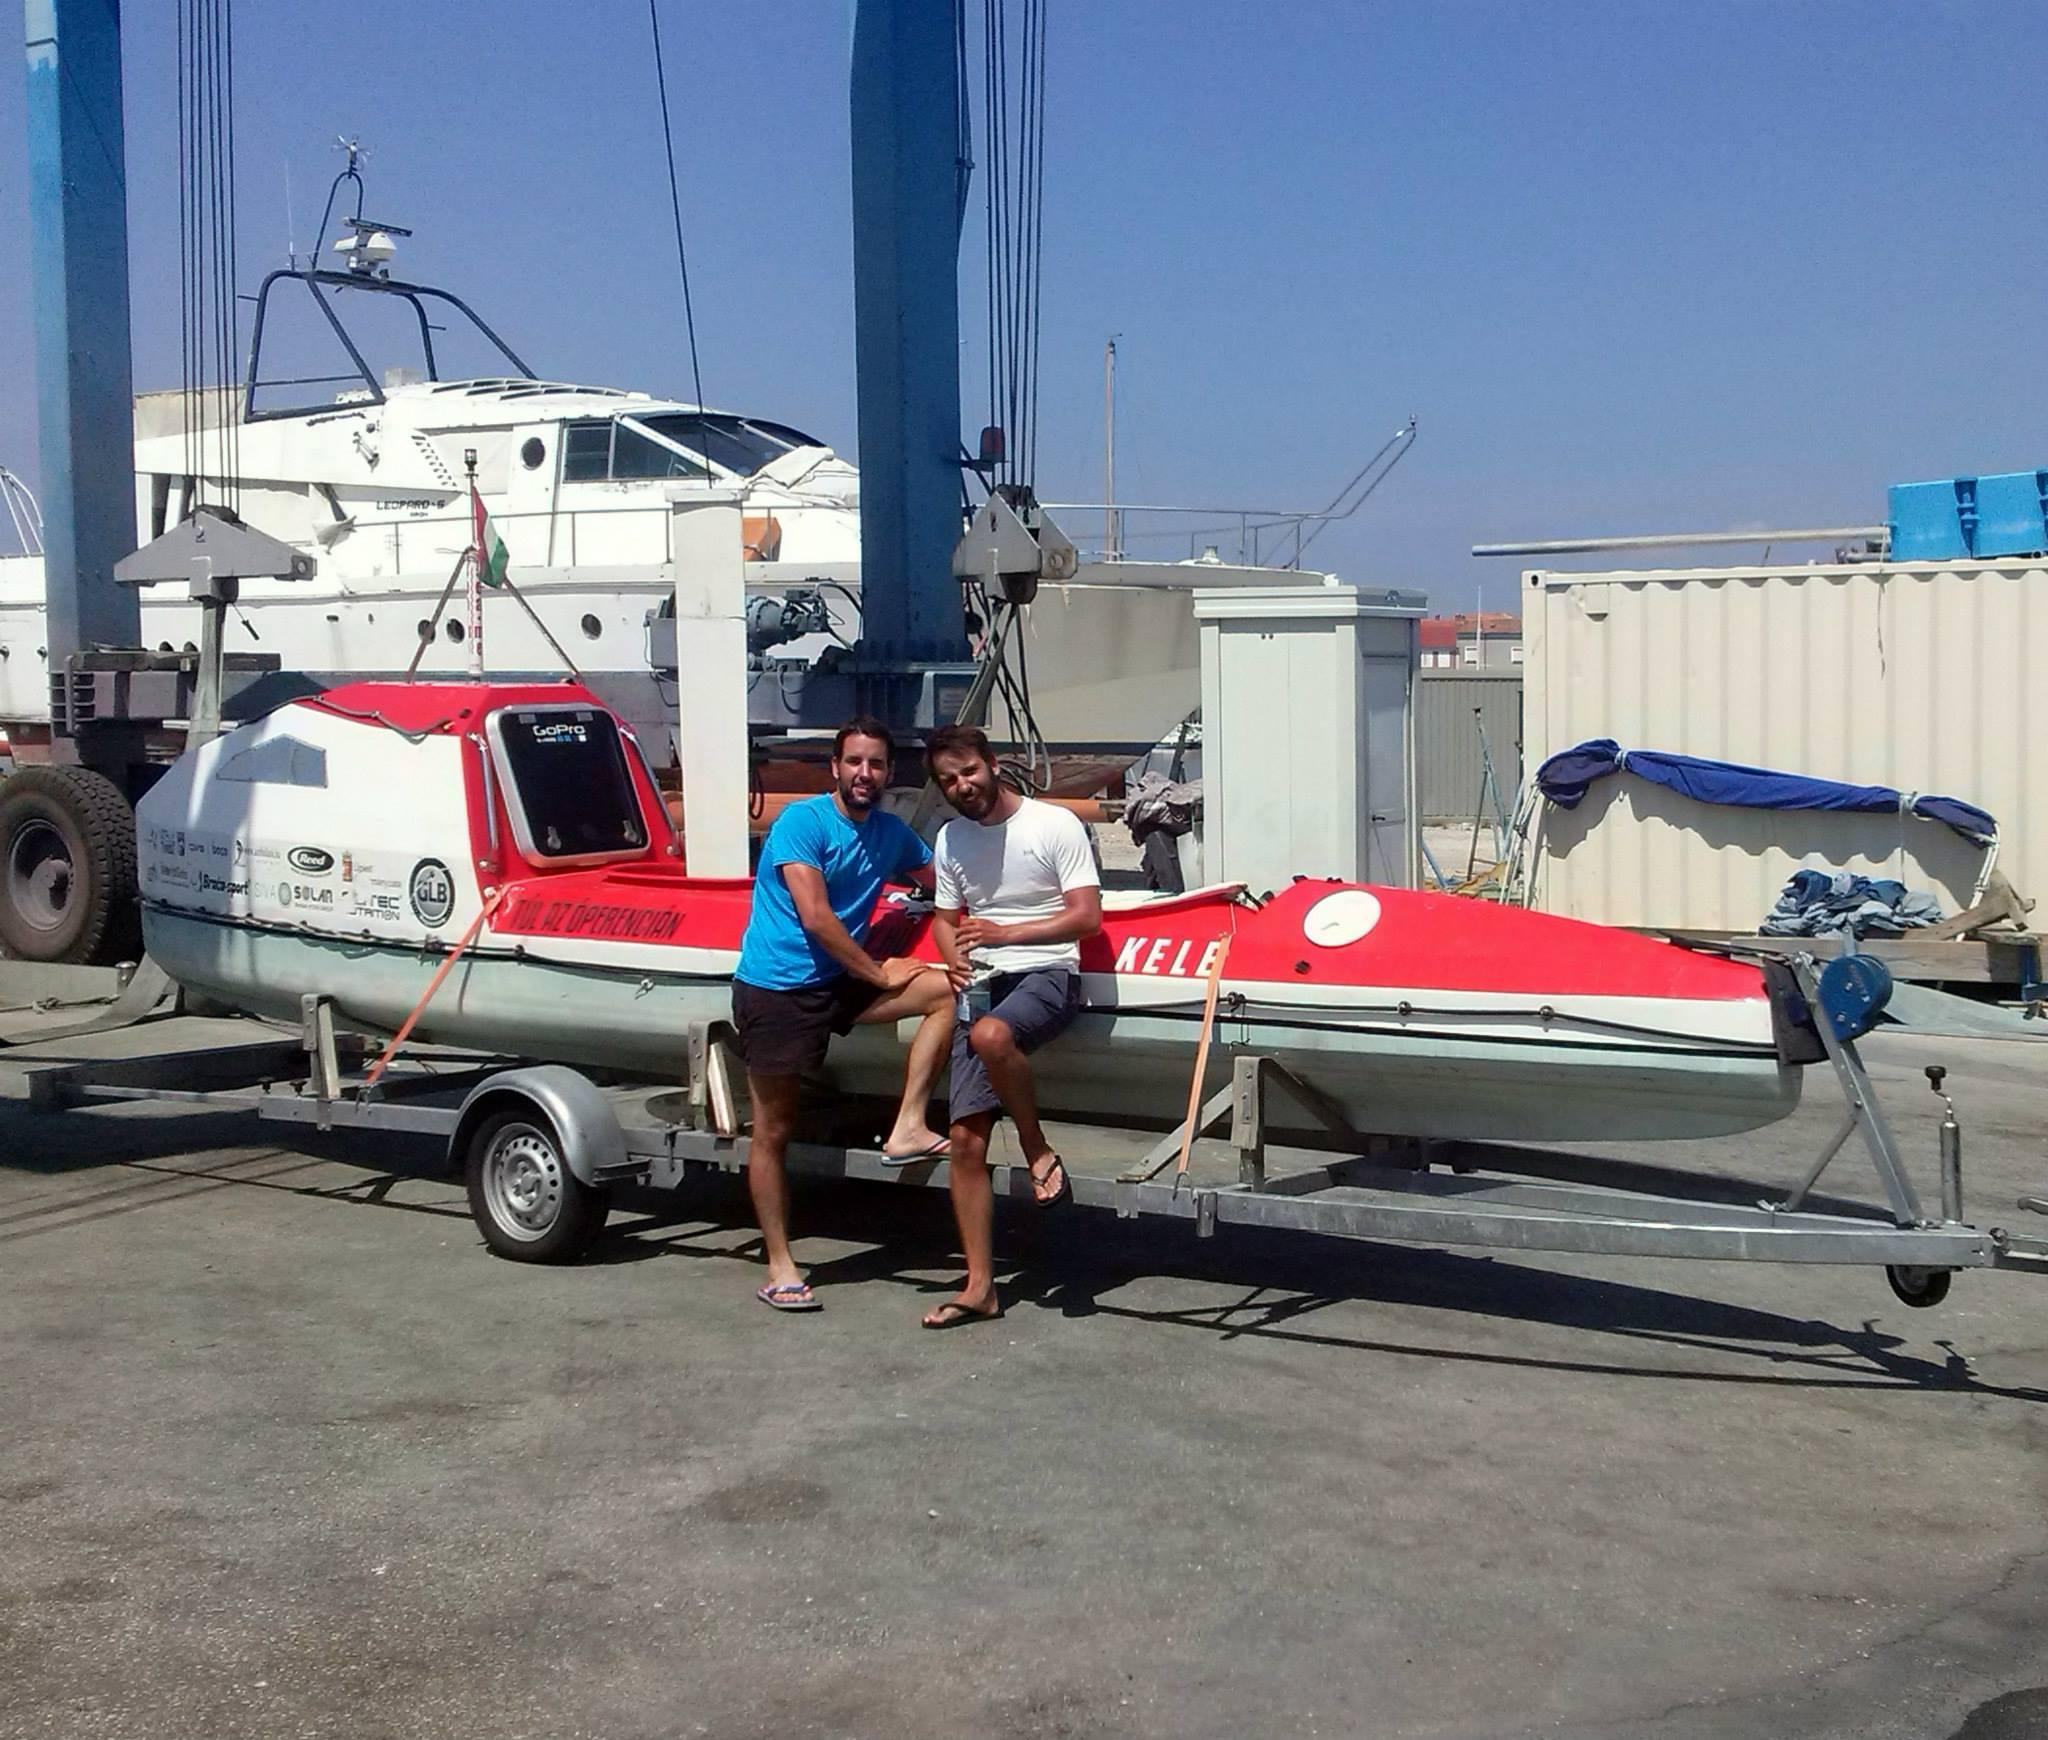 Kele boat